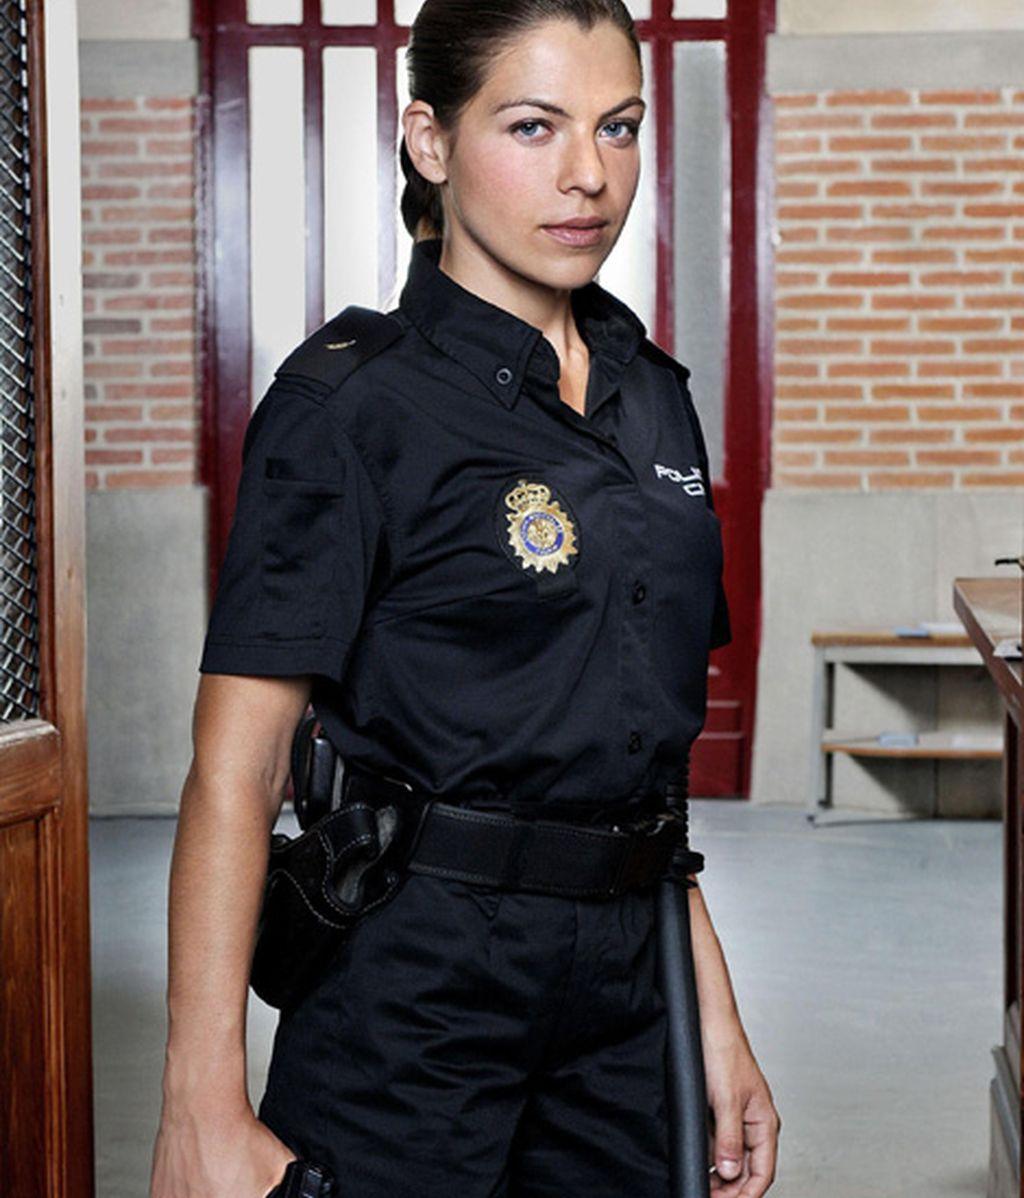 Thais Blume es Mati, mujer policía en un ambiente hostil